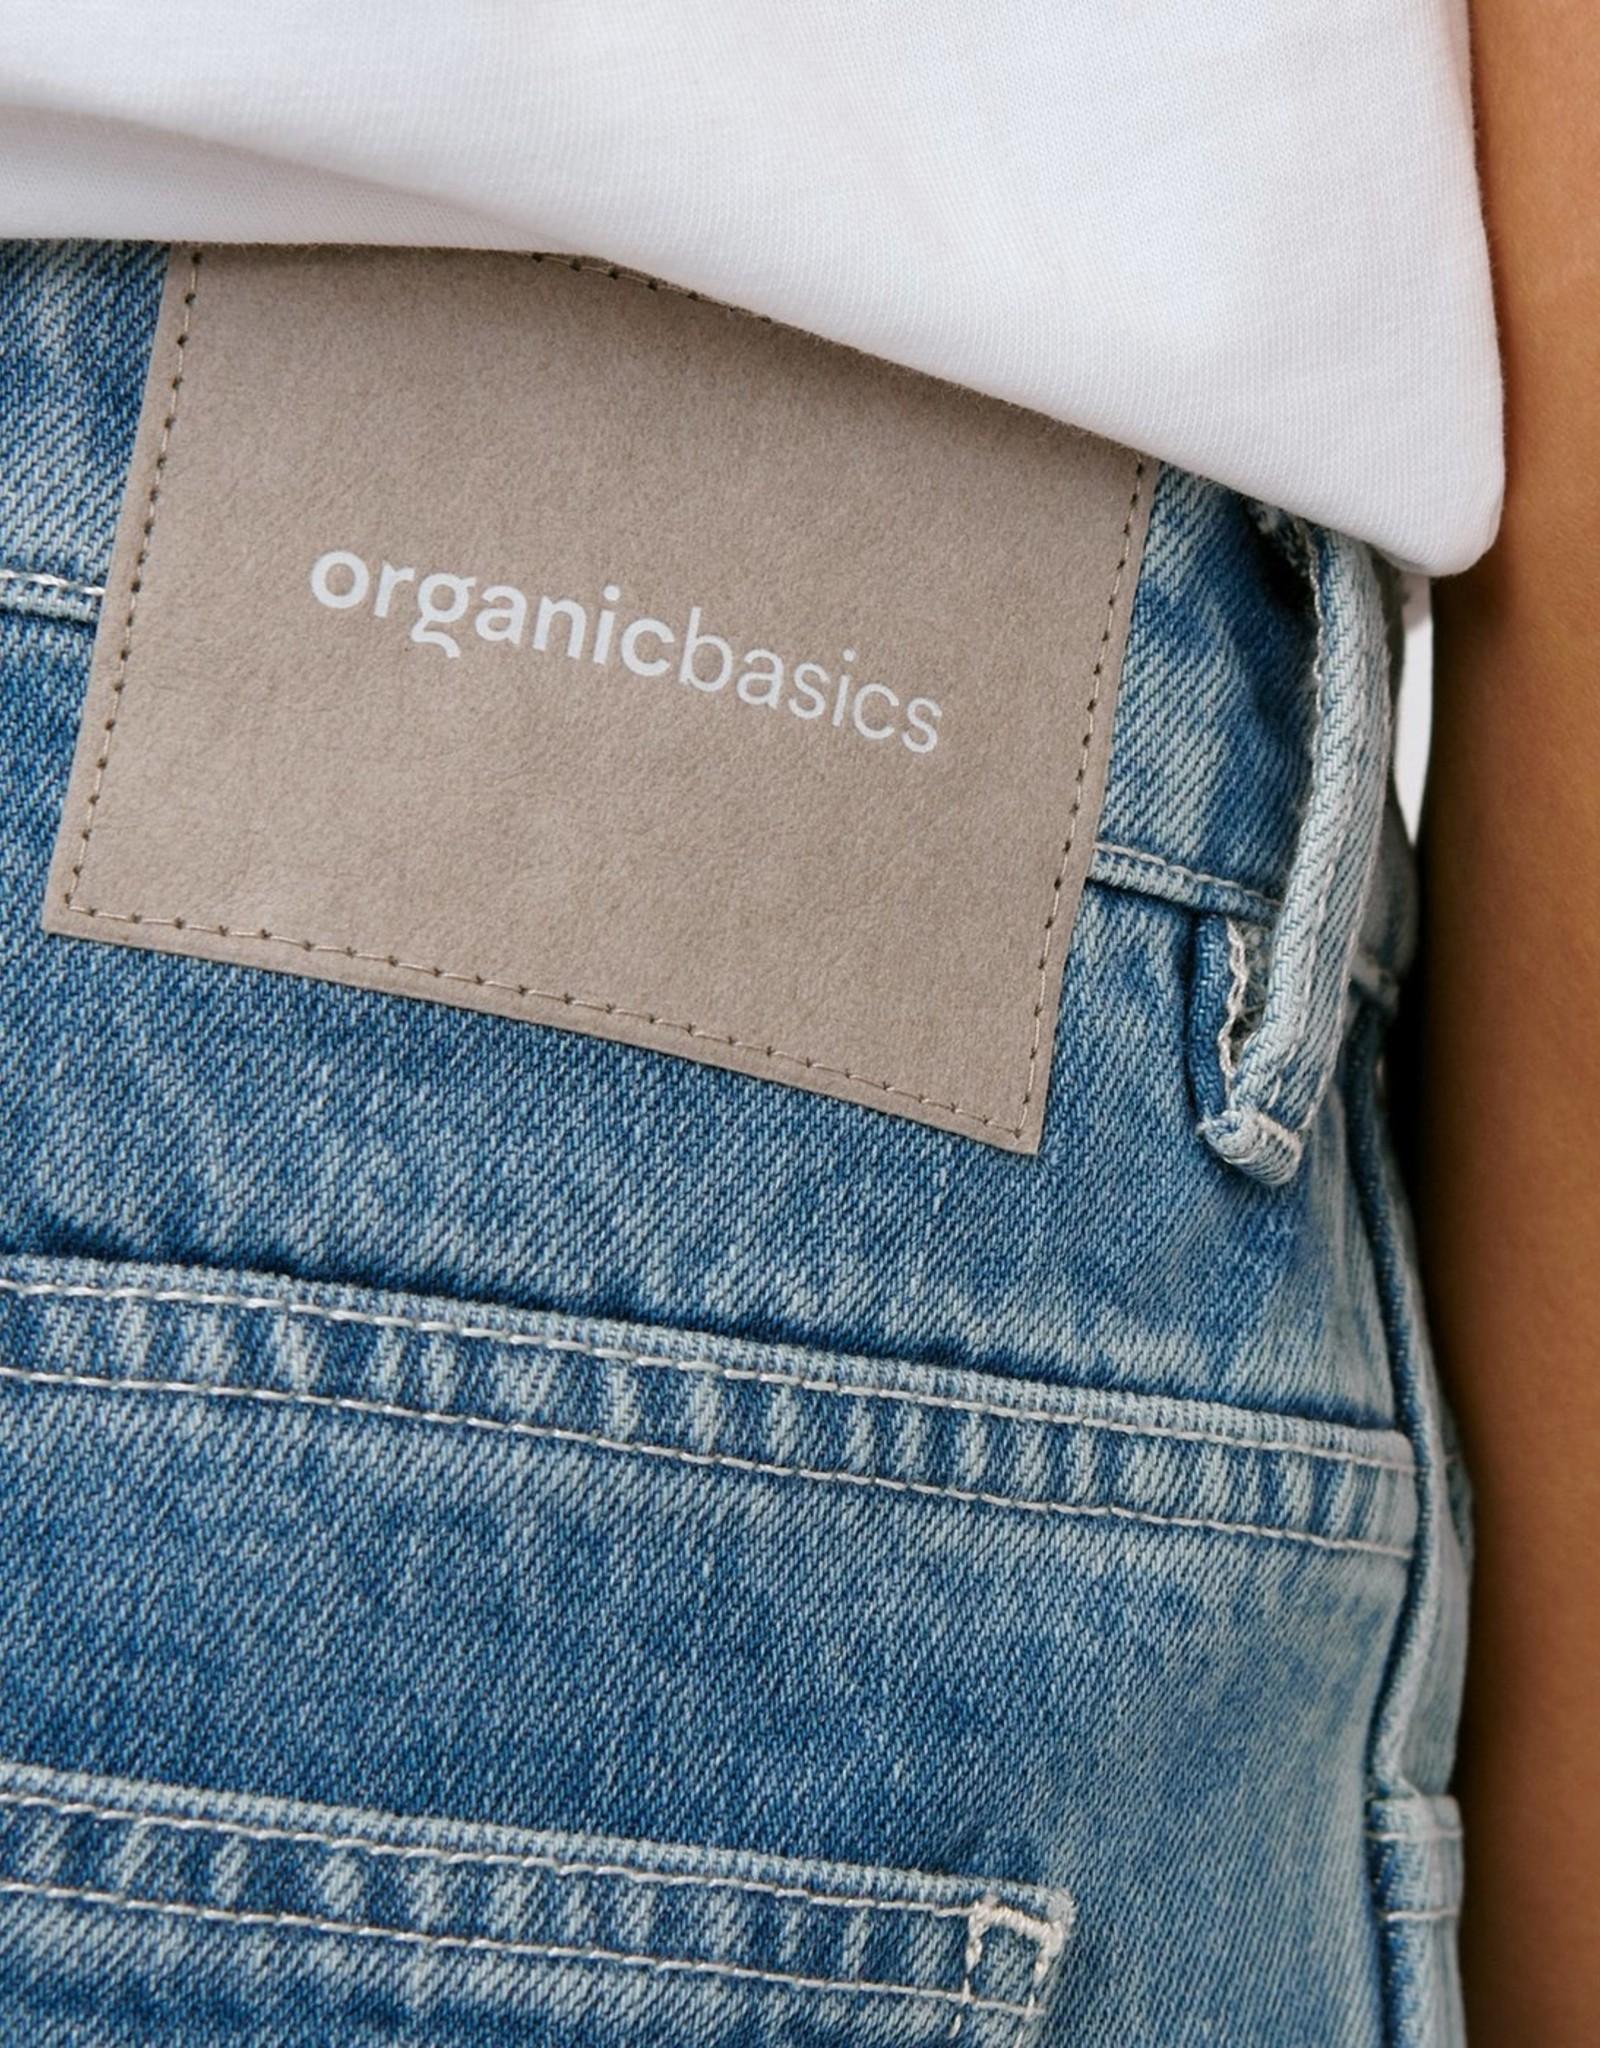 Organic Basics Circular Denim 5 Pocket - washed